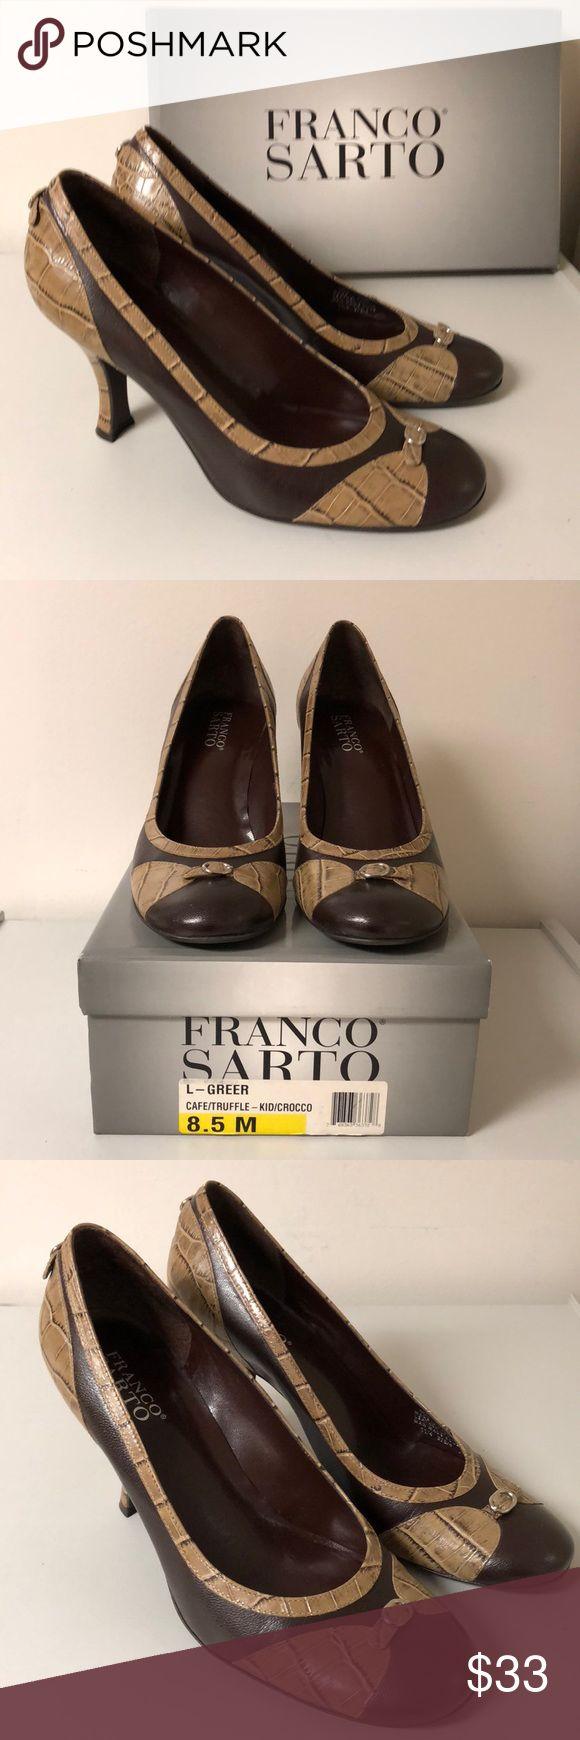 Franco Sarto Women's Brown Heels Size 8.5 M Franco Sarto Women's Brown Heels Size 8.5 M 3 1/2 inch Heel Preowned,  in good condition Franco Sarto Shoes Heels